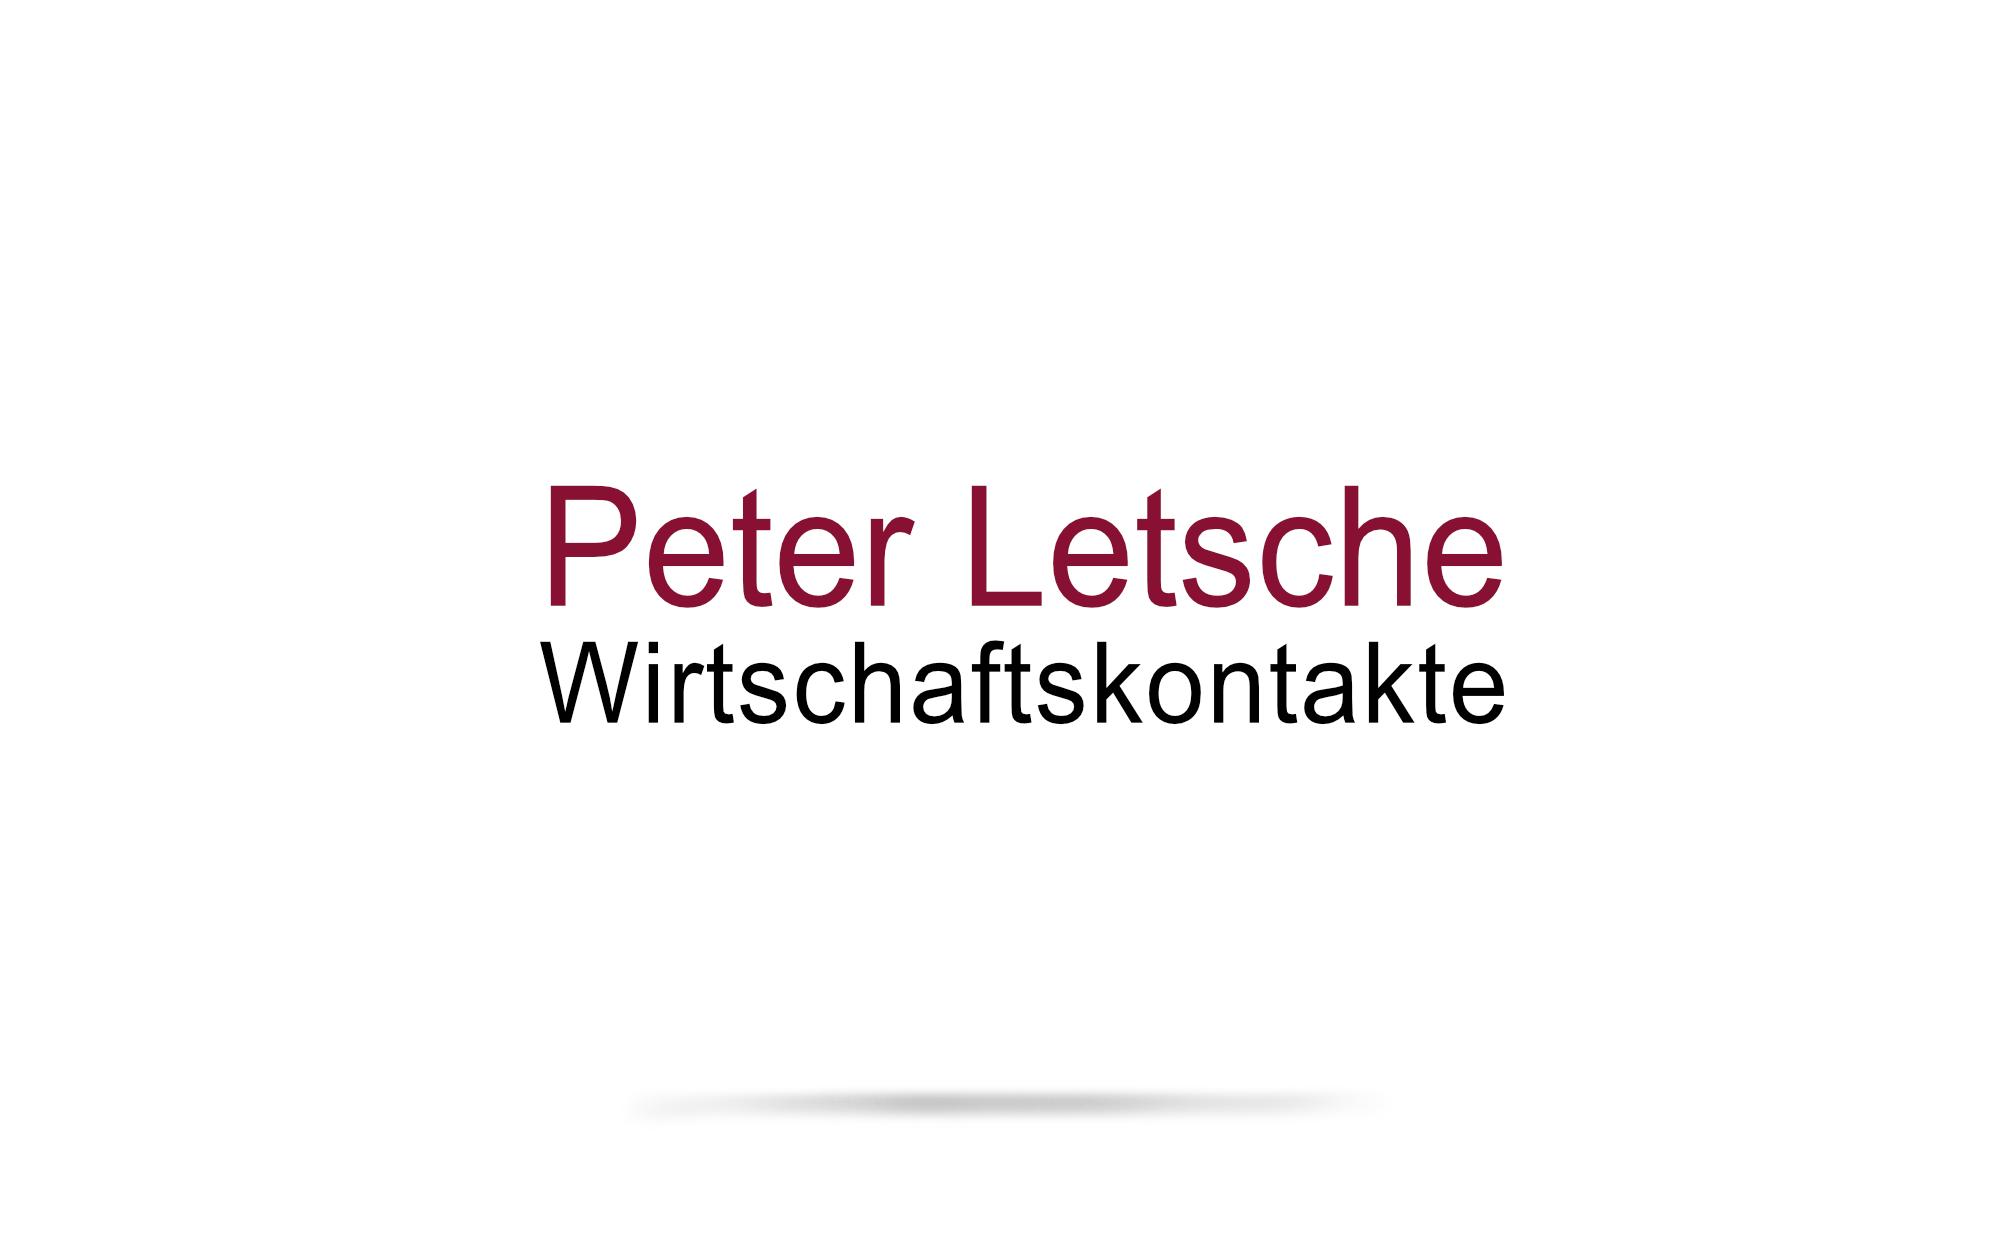 Corporate Design für Peter Letsche Wirtschaftskontakte